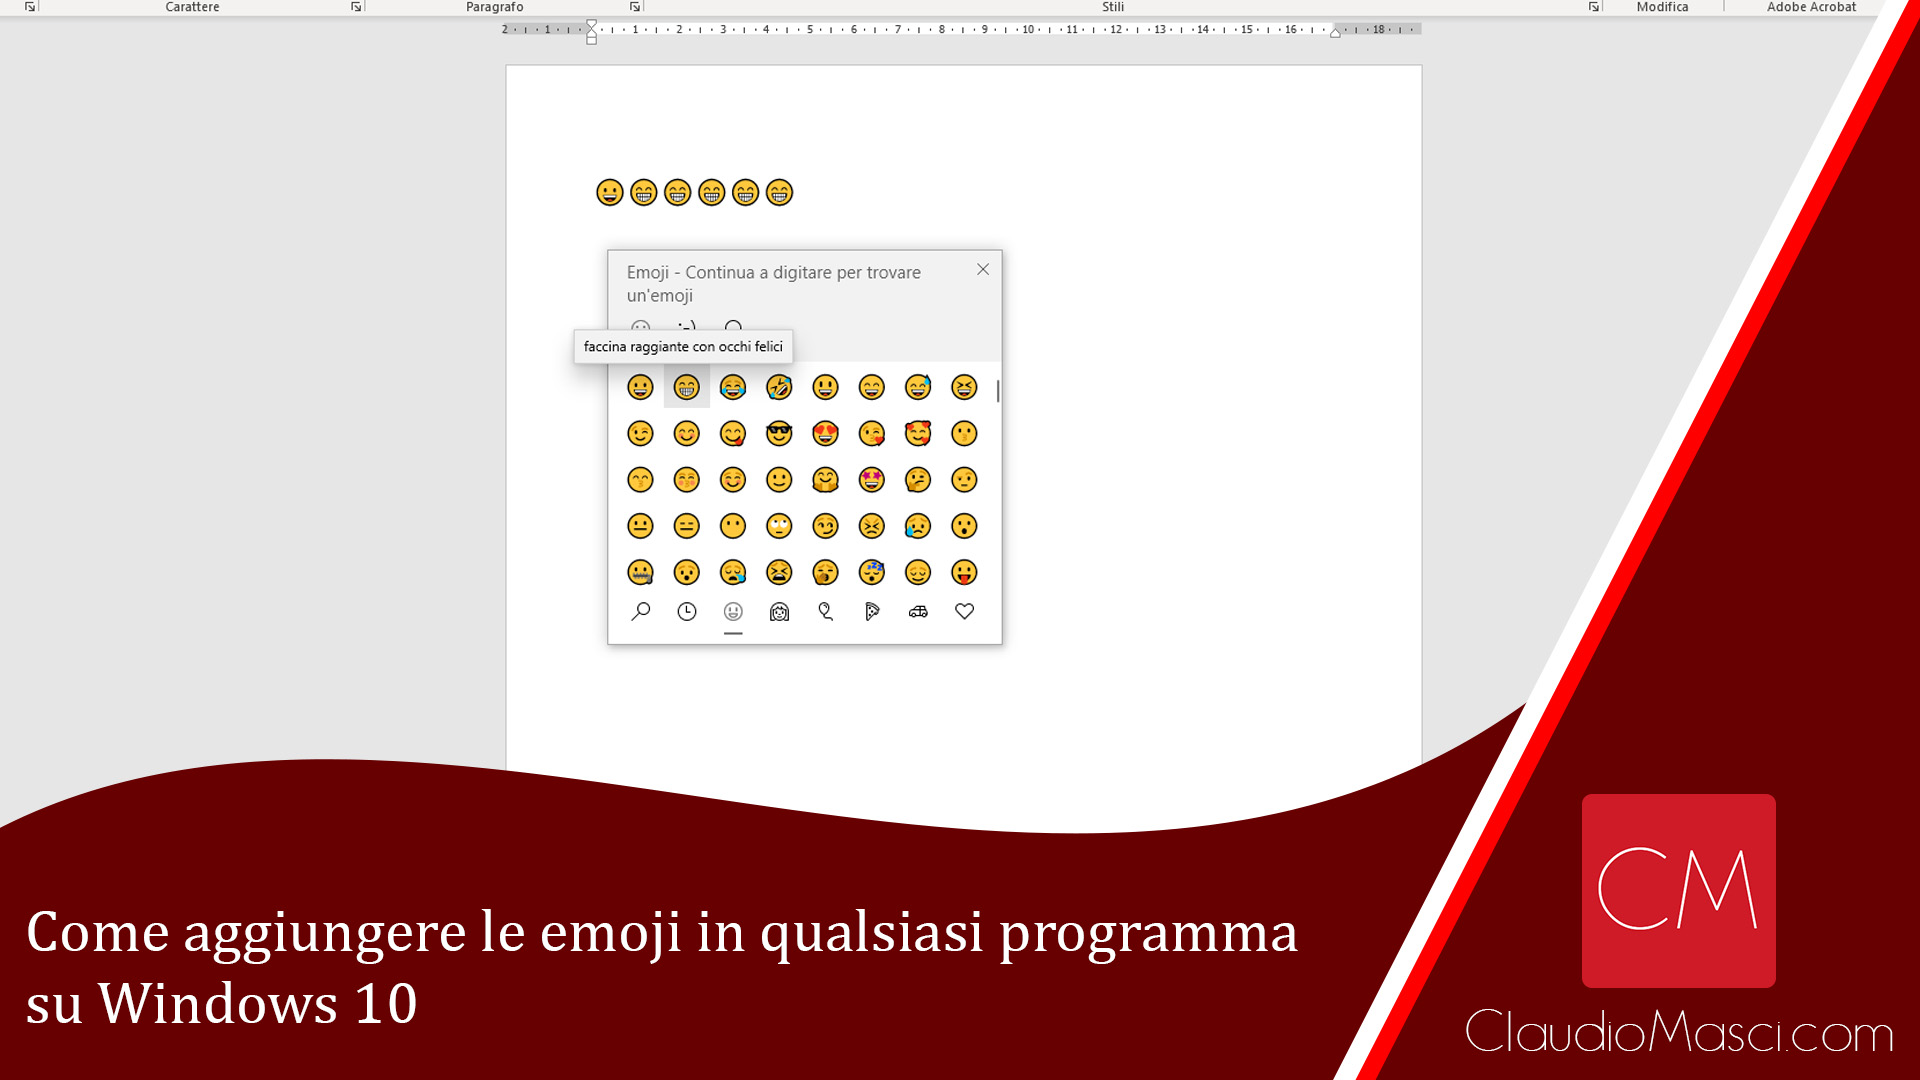 Come aggiungere le emoji in qualsiasi programma su Windows 10